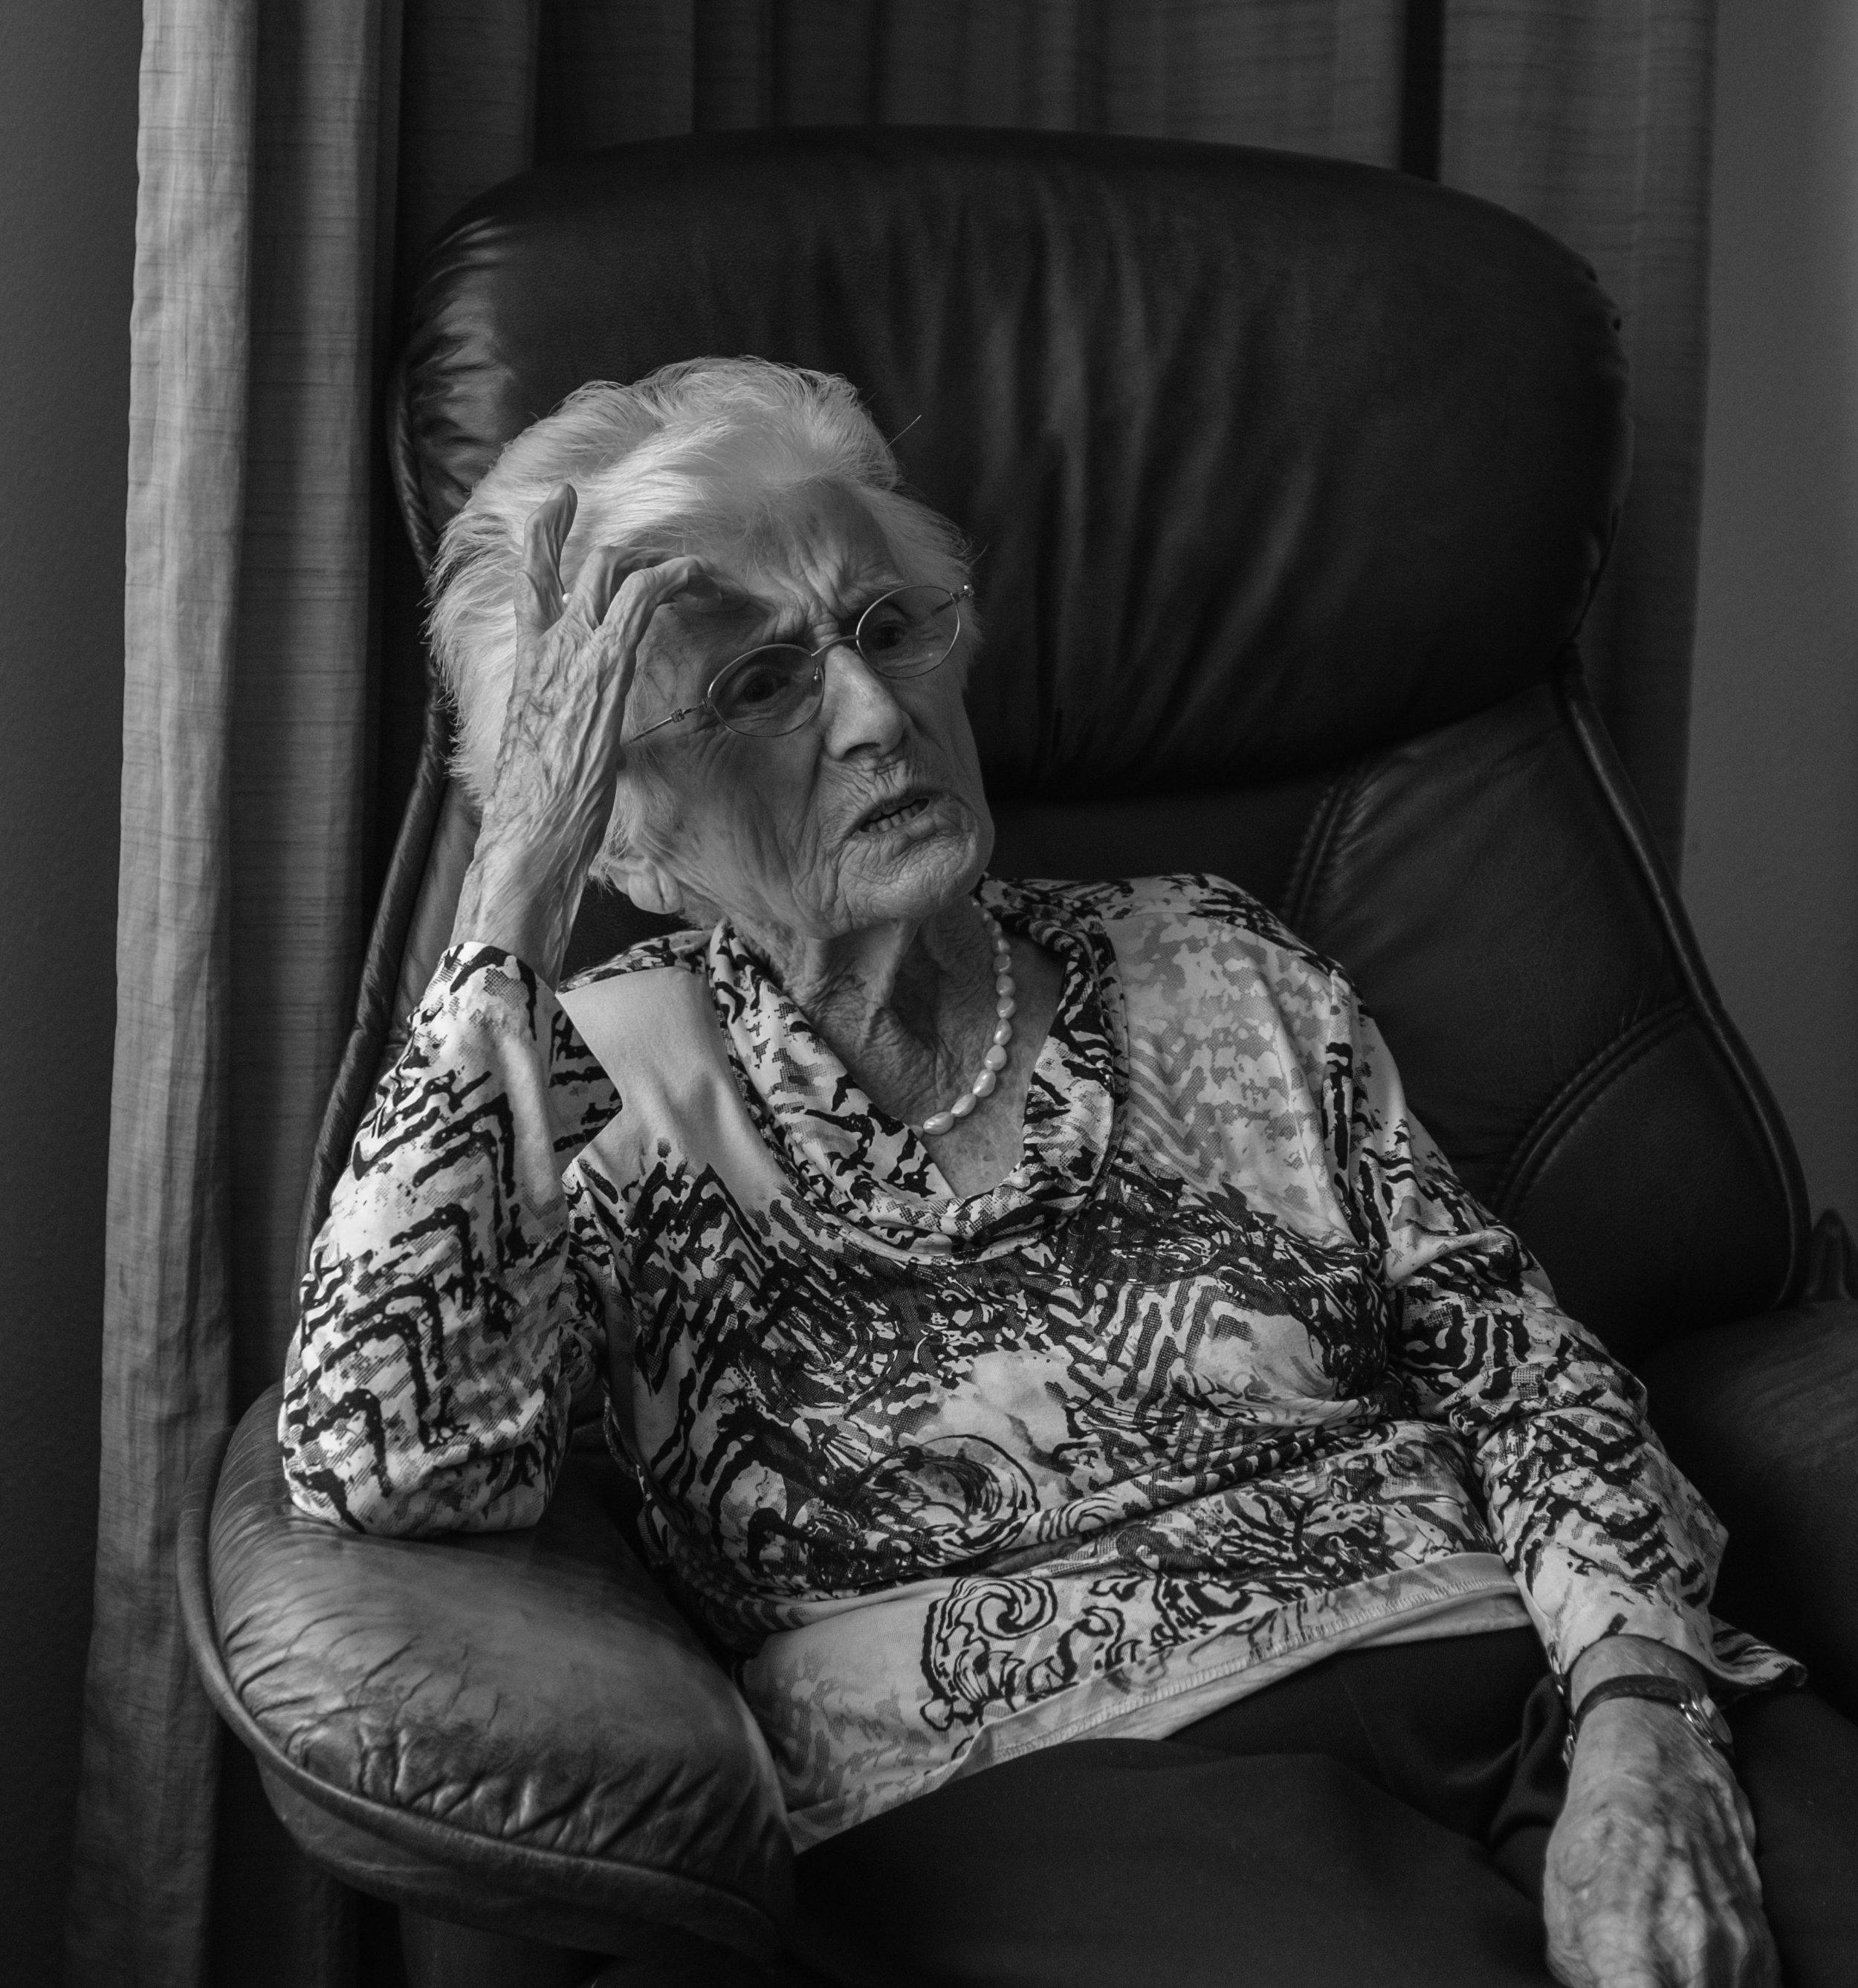 'Na de oorlog liep mijn man van Berlijn naar Eindhoven. Weken is hij onderweg geweest.'